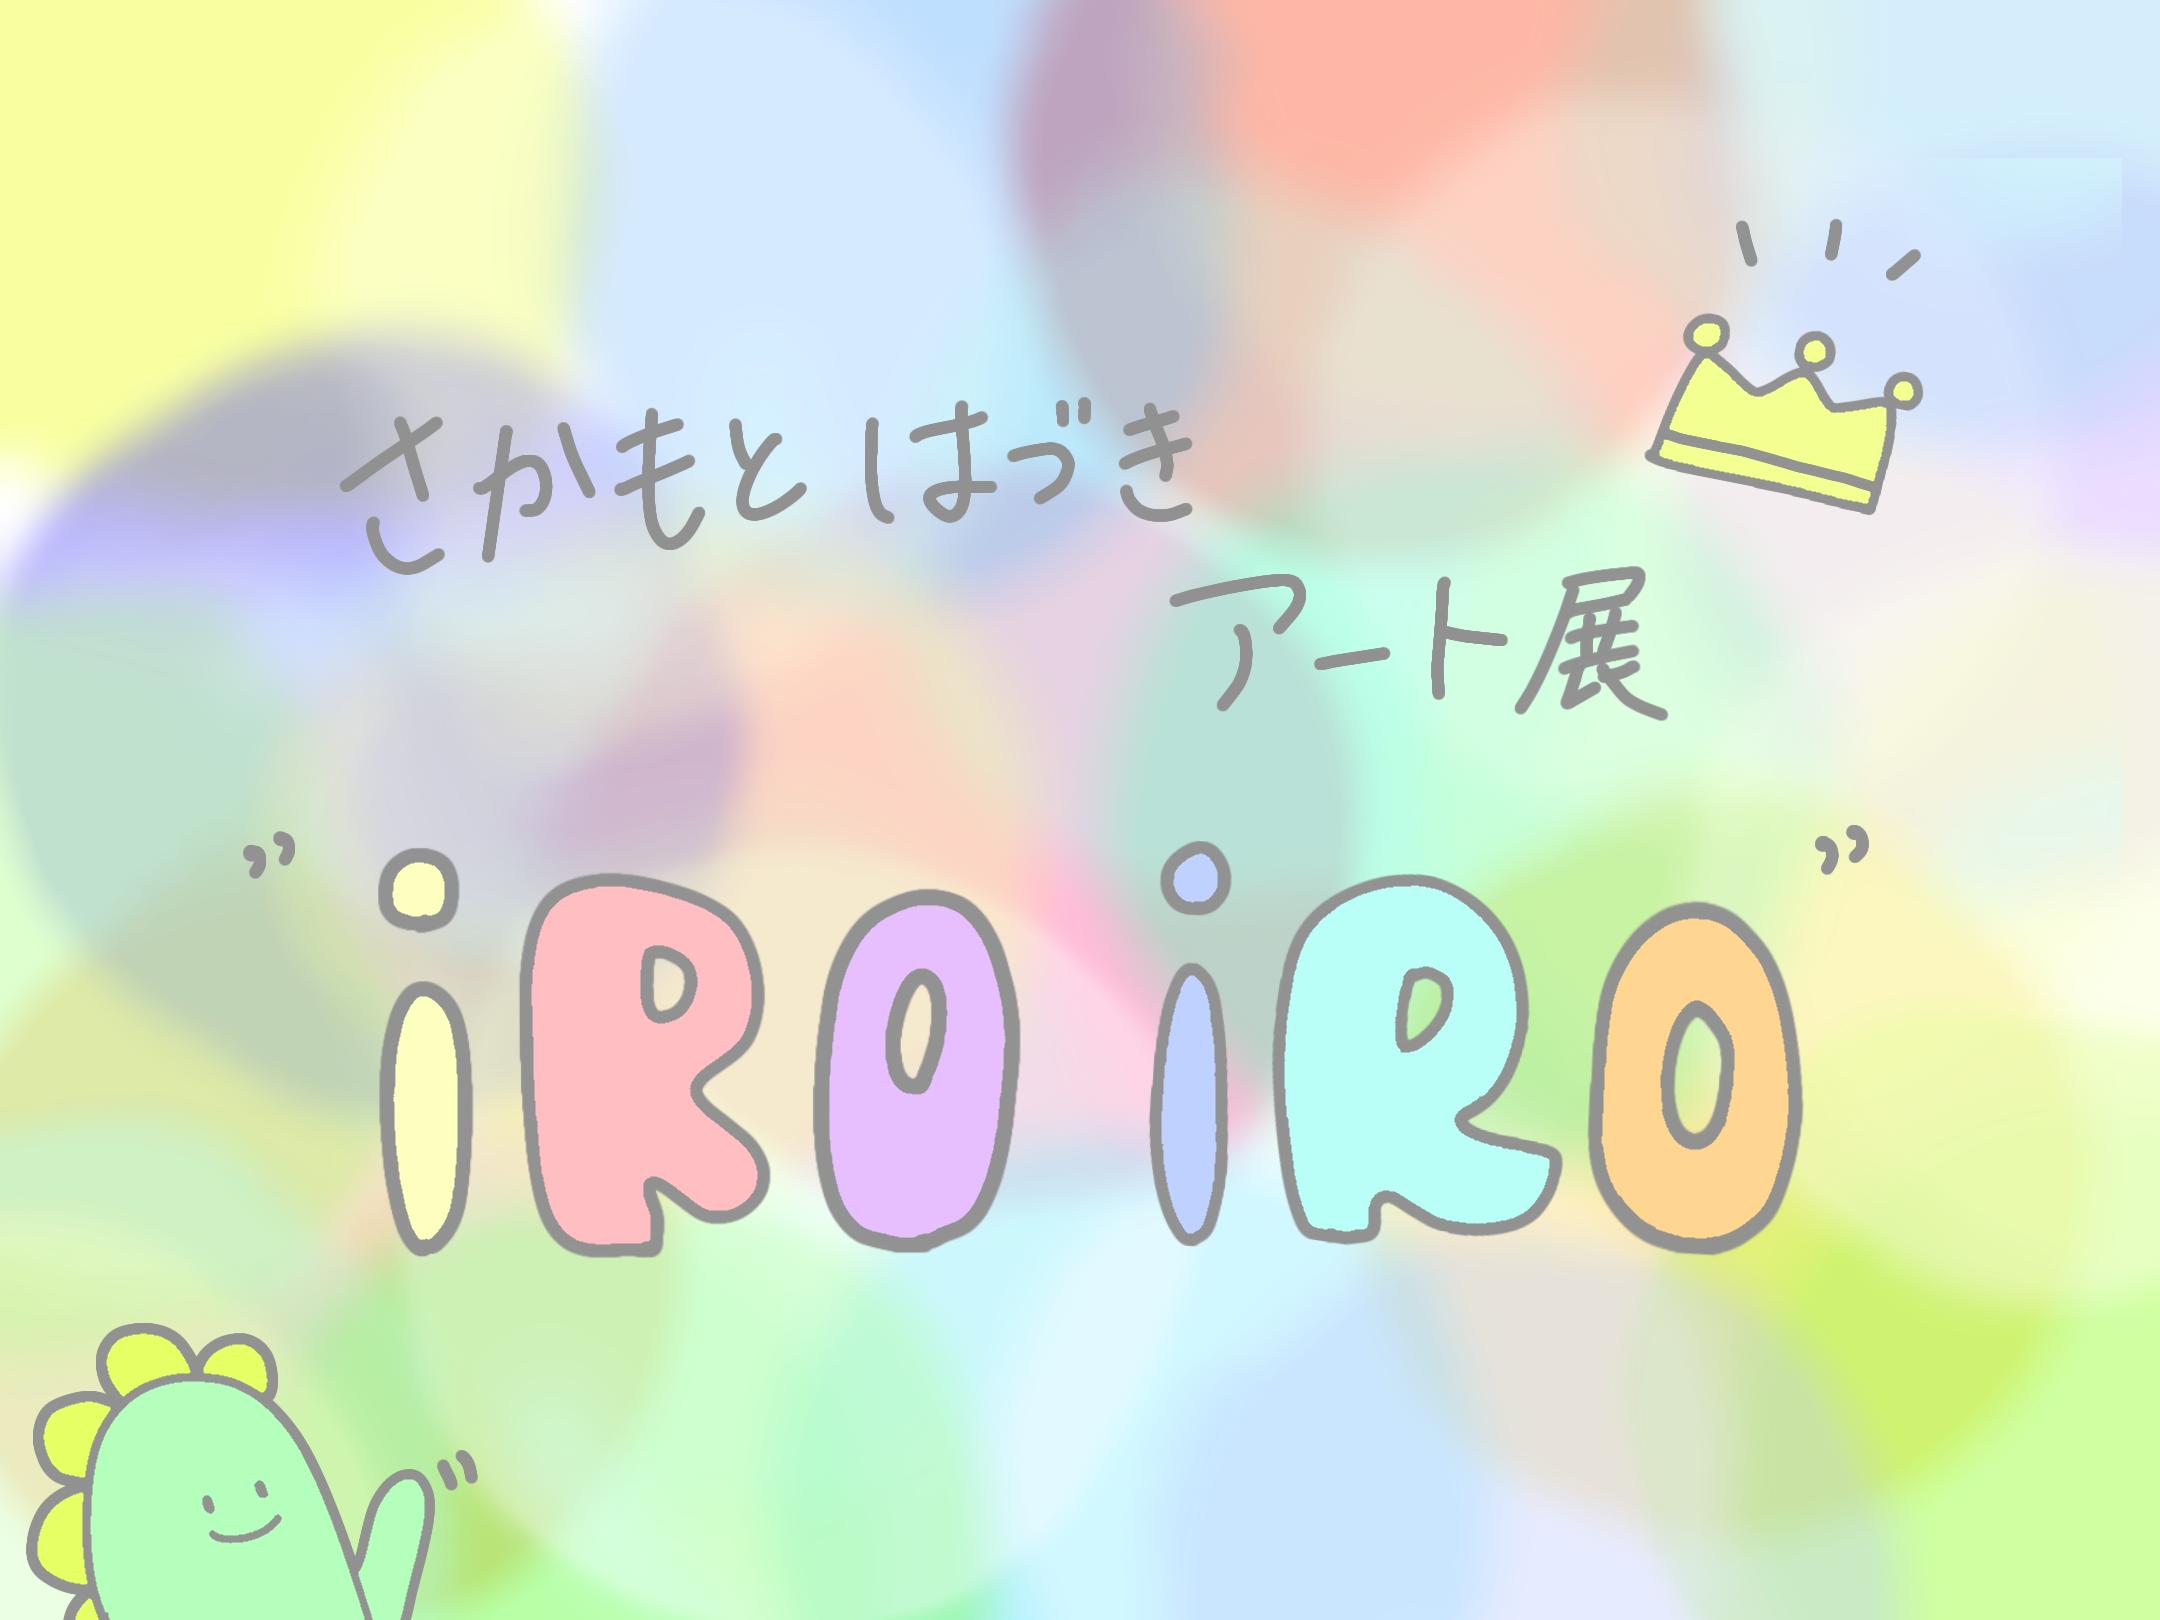 わーすた さかもと はづき アート展「iRO iRO」1部&2部&3部公演